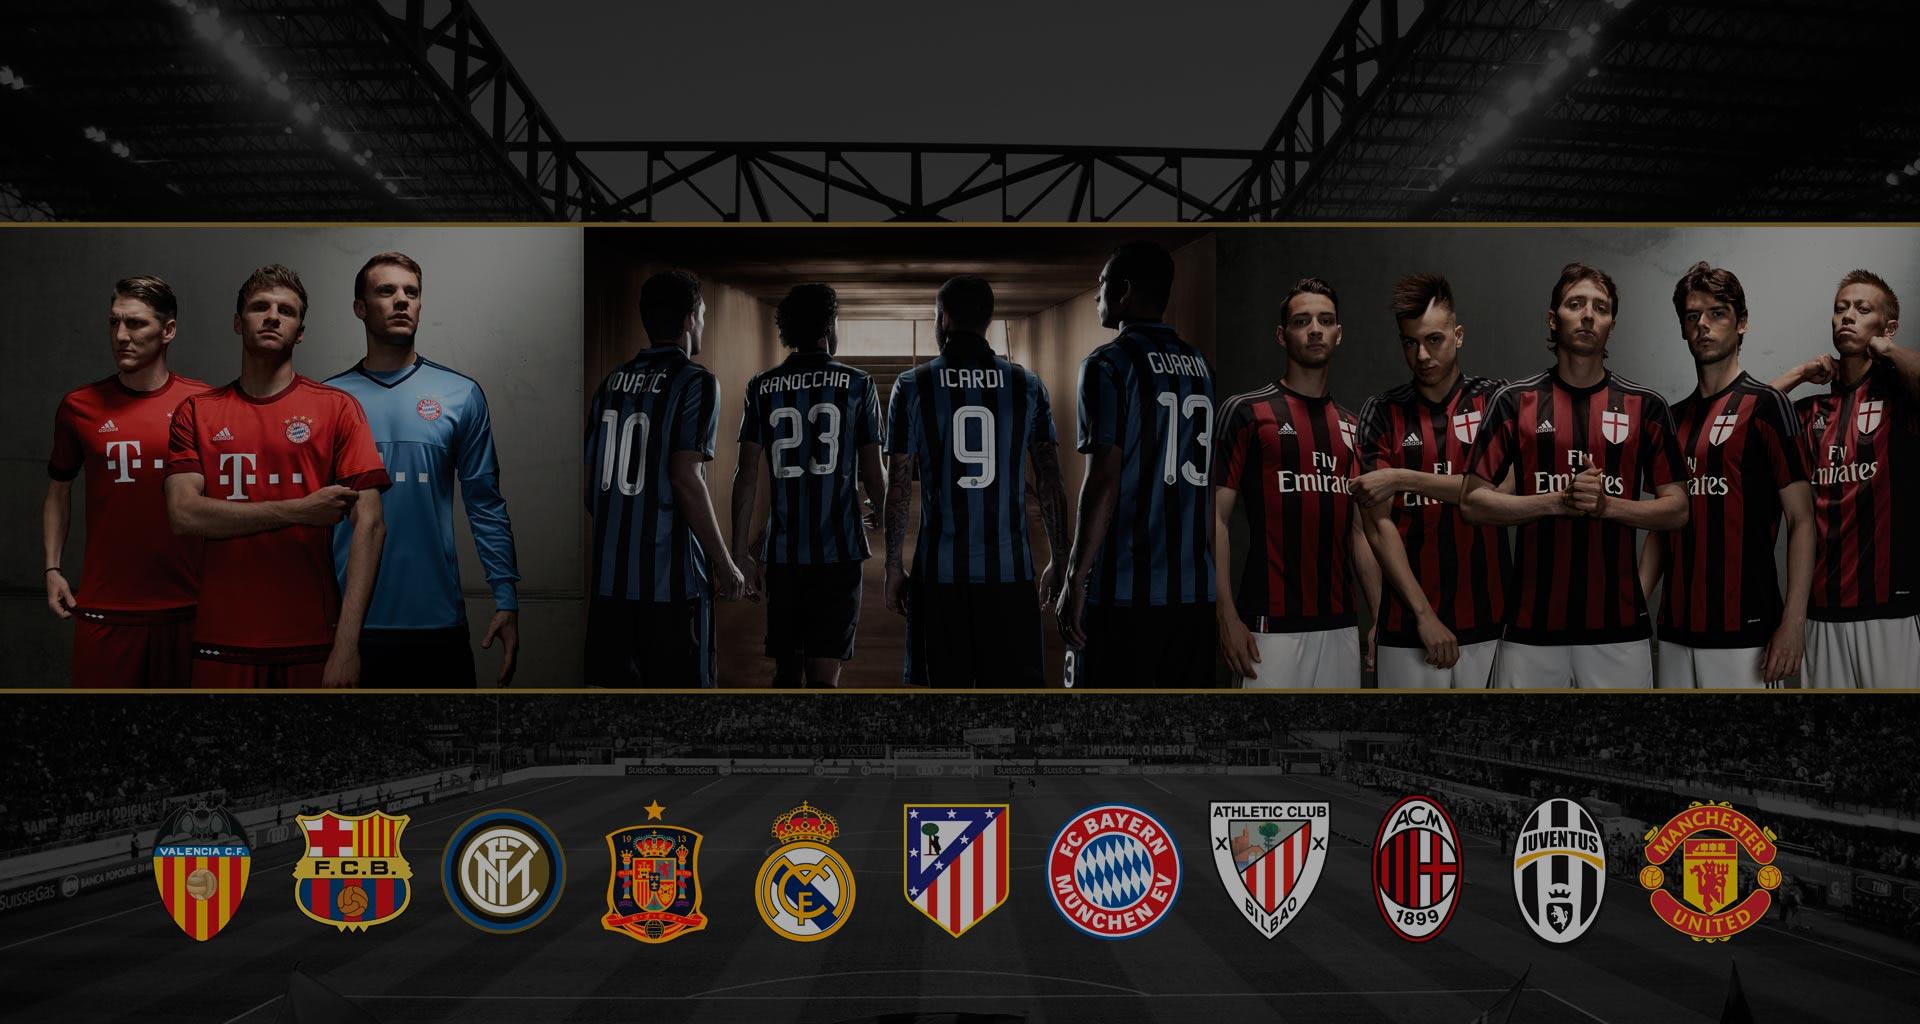 Equipaciones y productos oficiales de equipos y selecciones de fútbol -  Soloporteros es ahora Fútbol Emotion 50d6f380387